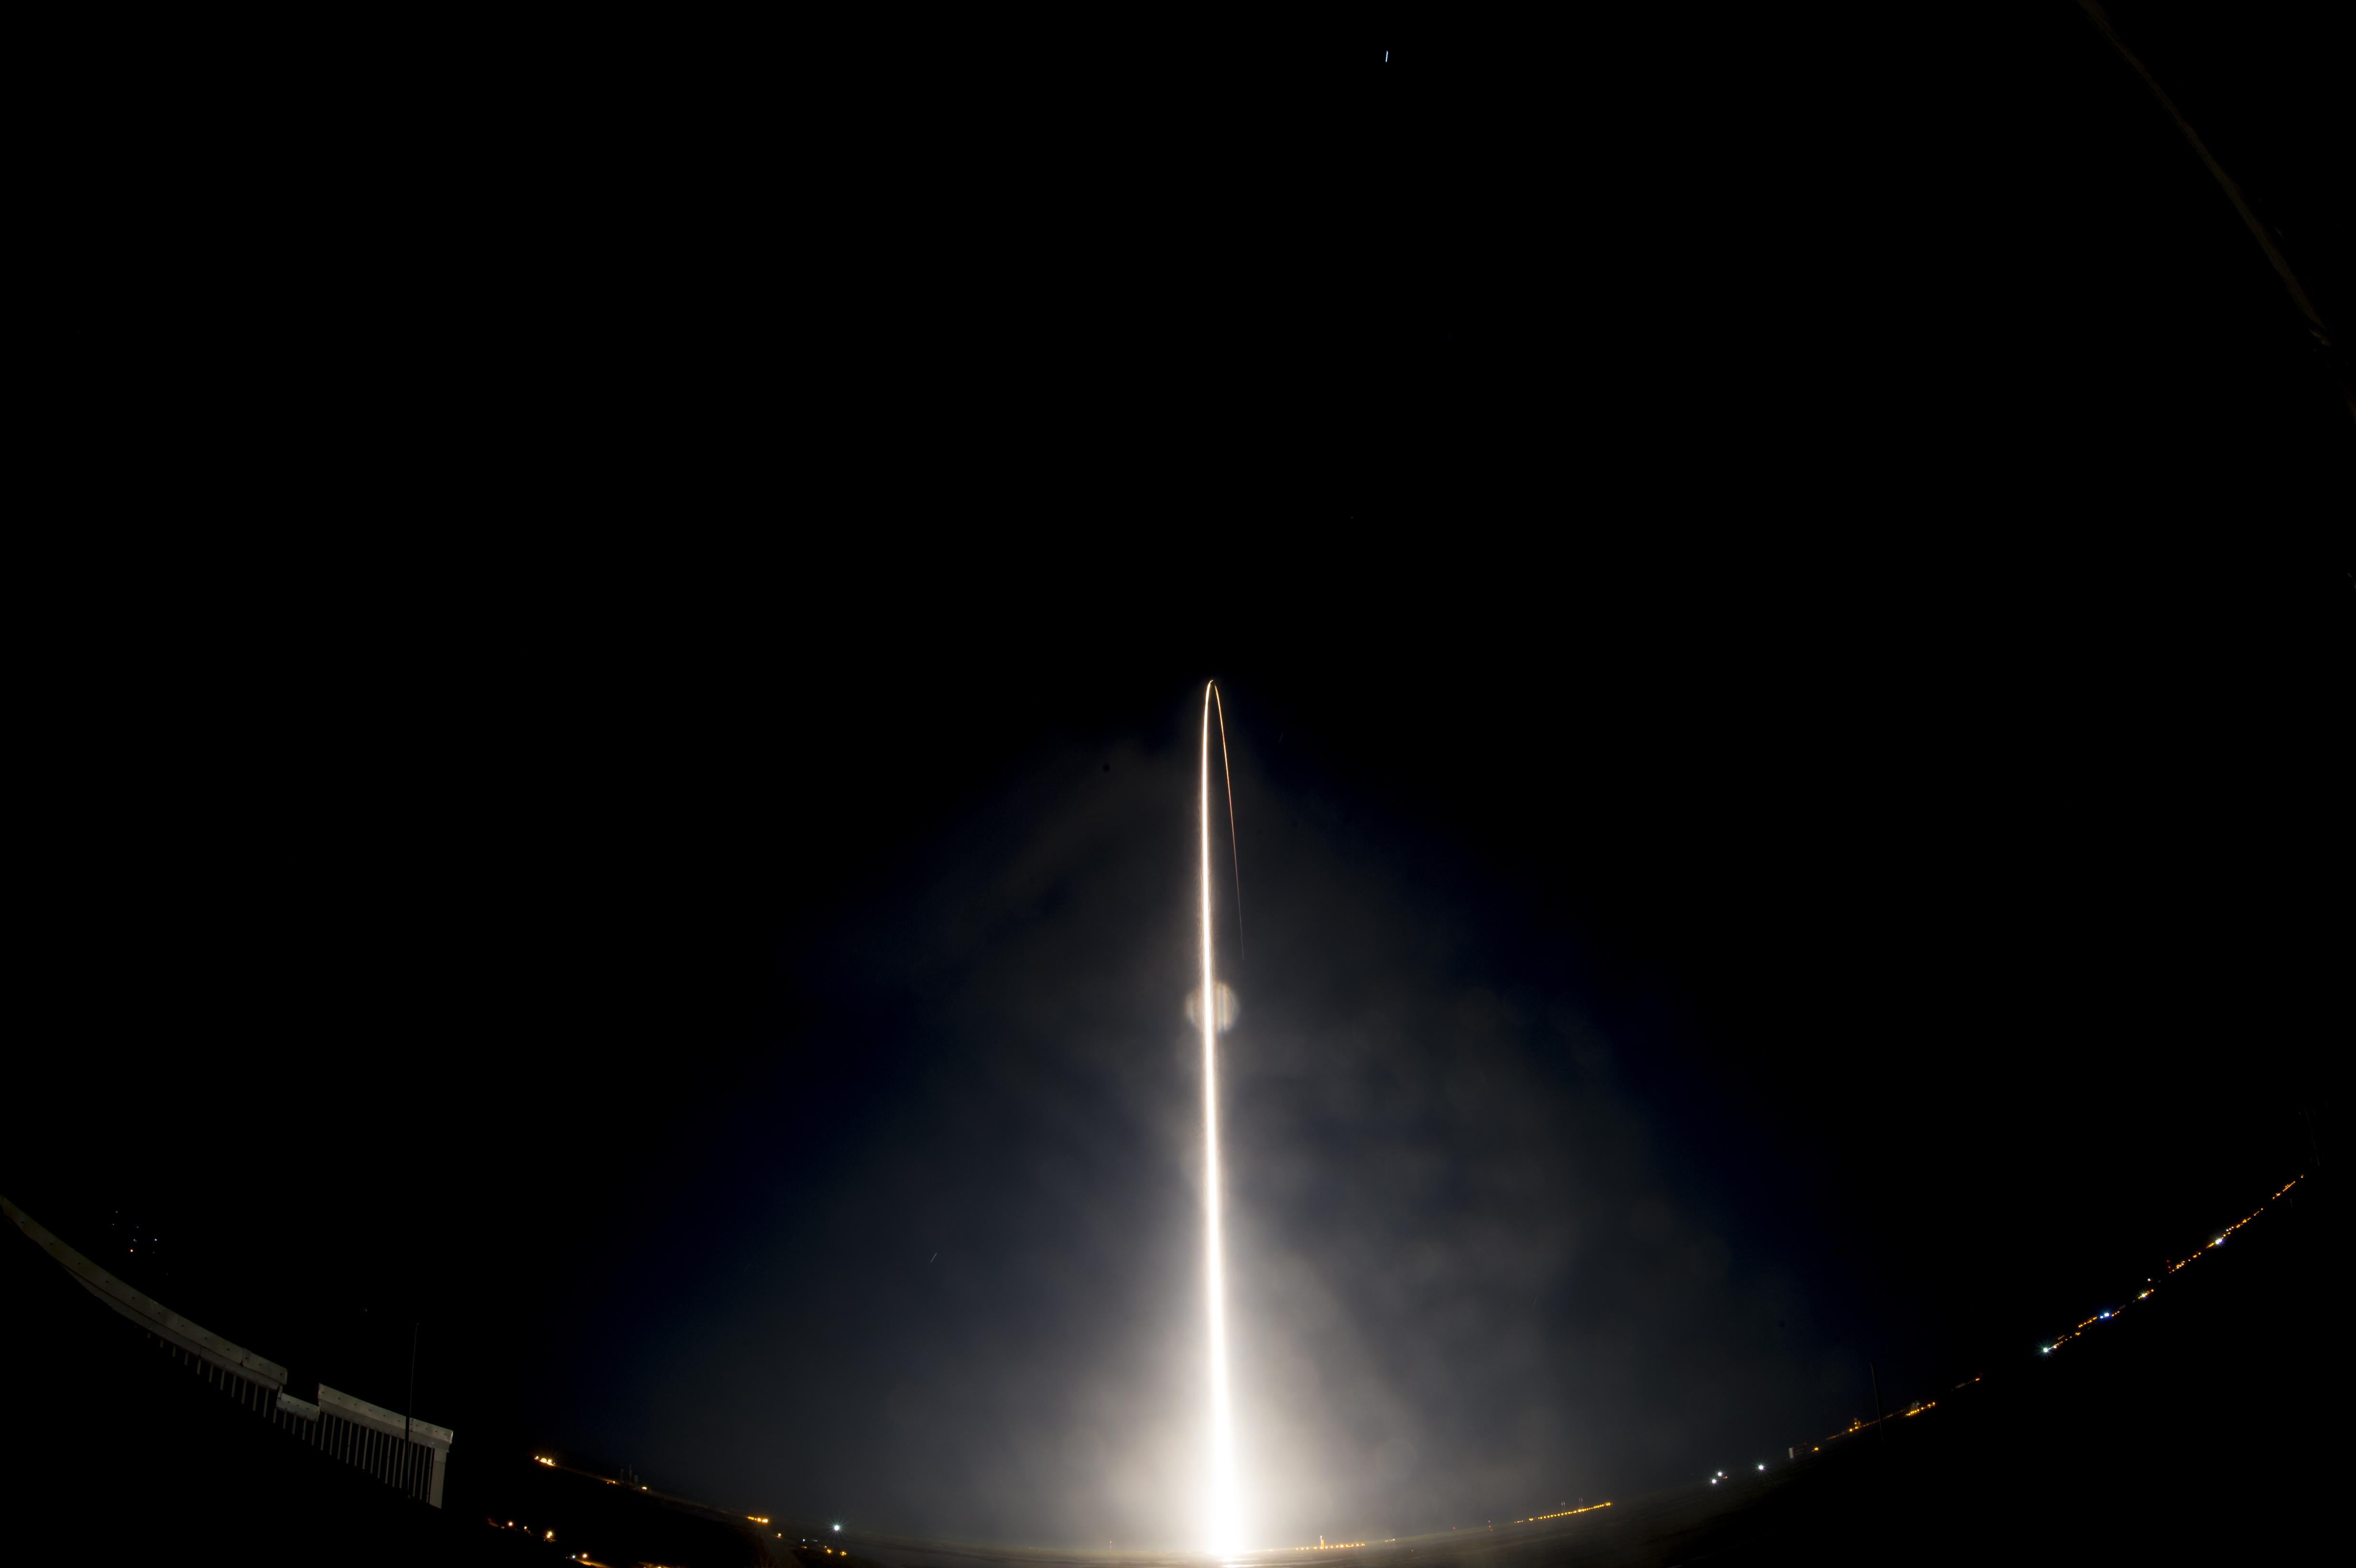 rocket from nasa - photo #43